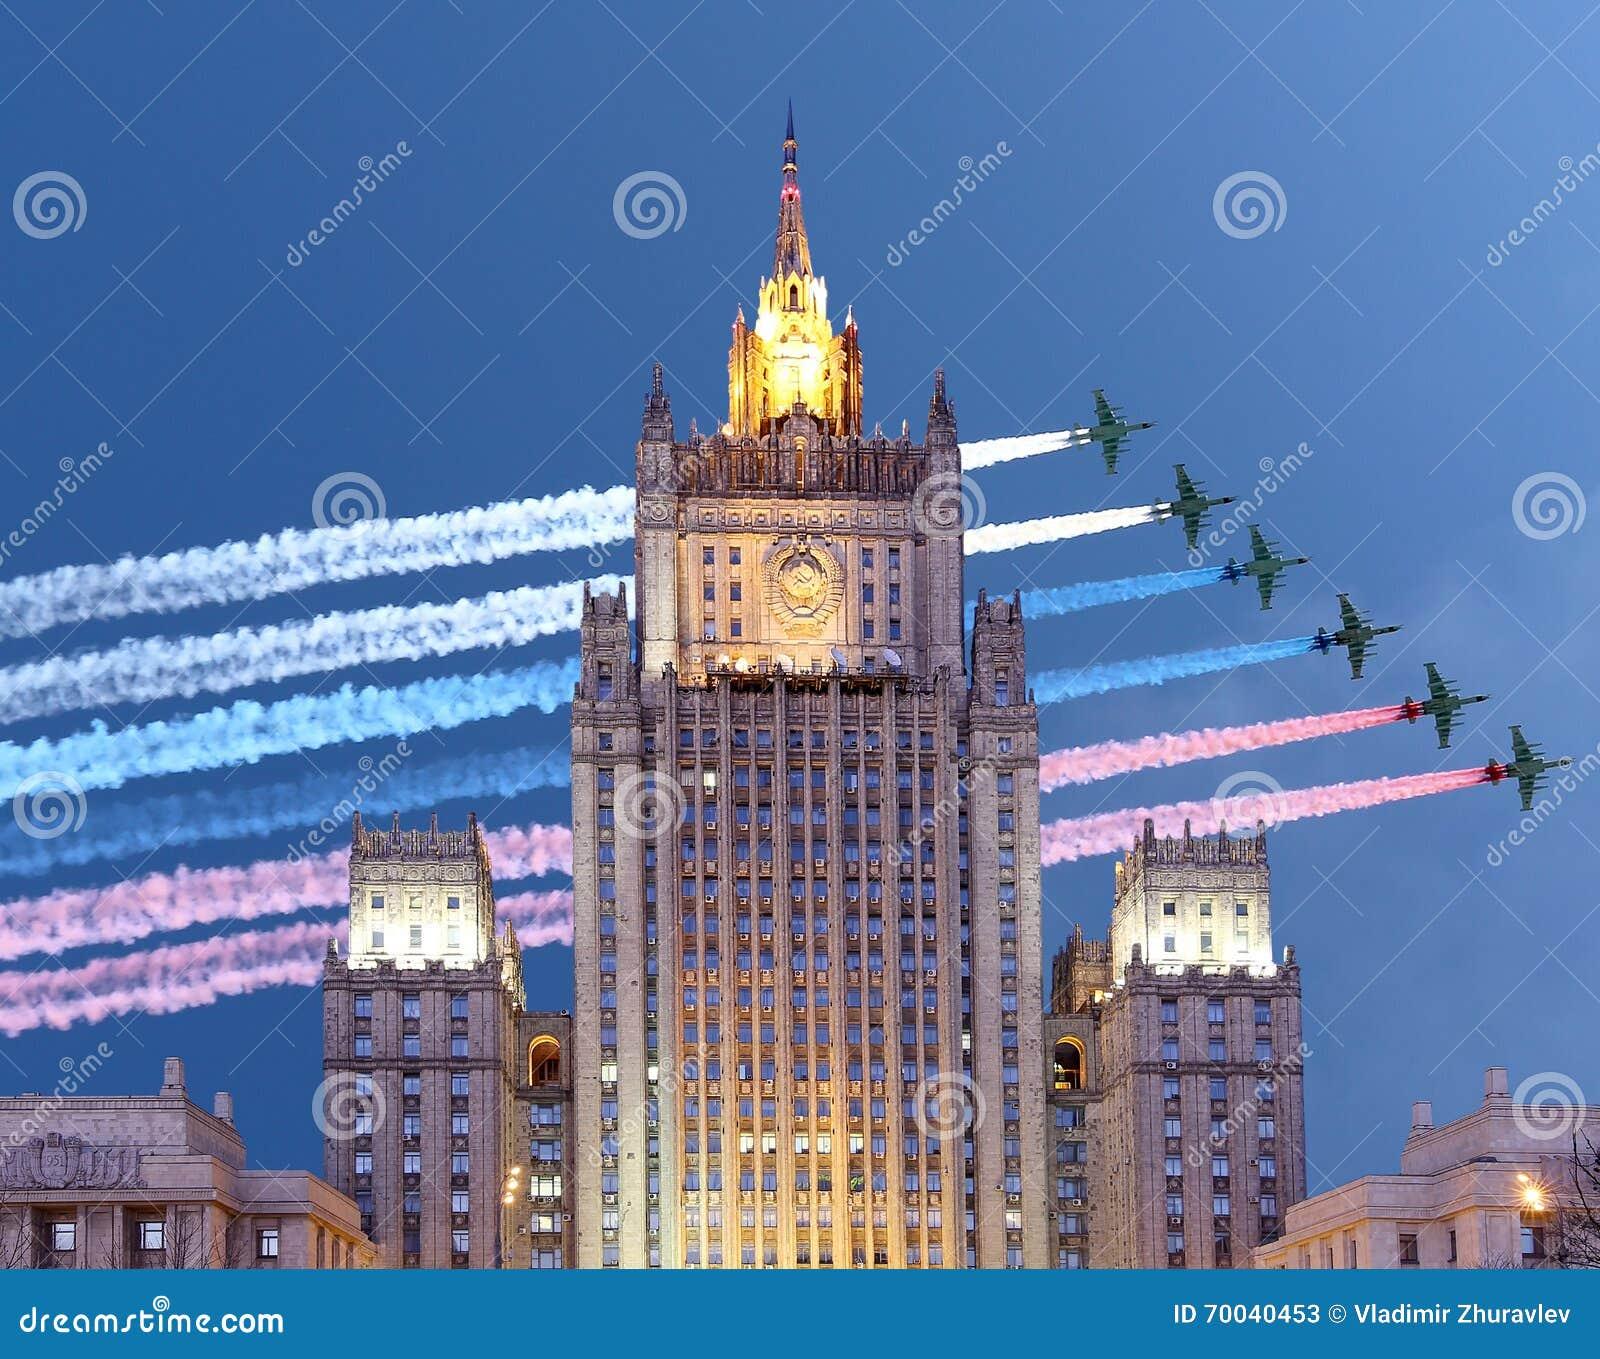 Het Ministerie van Buitenlandse zaken van de Russische Federatie en de Russische militaire vliegtuigen vliegen in vorming, Moskou